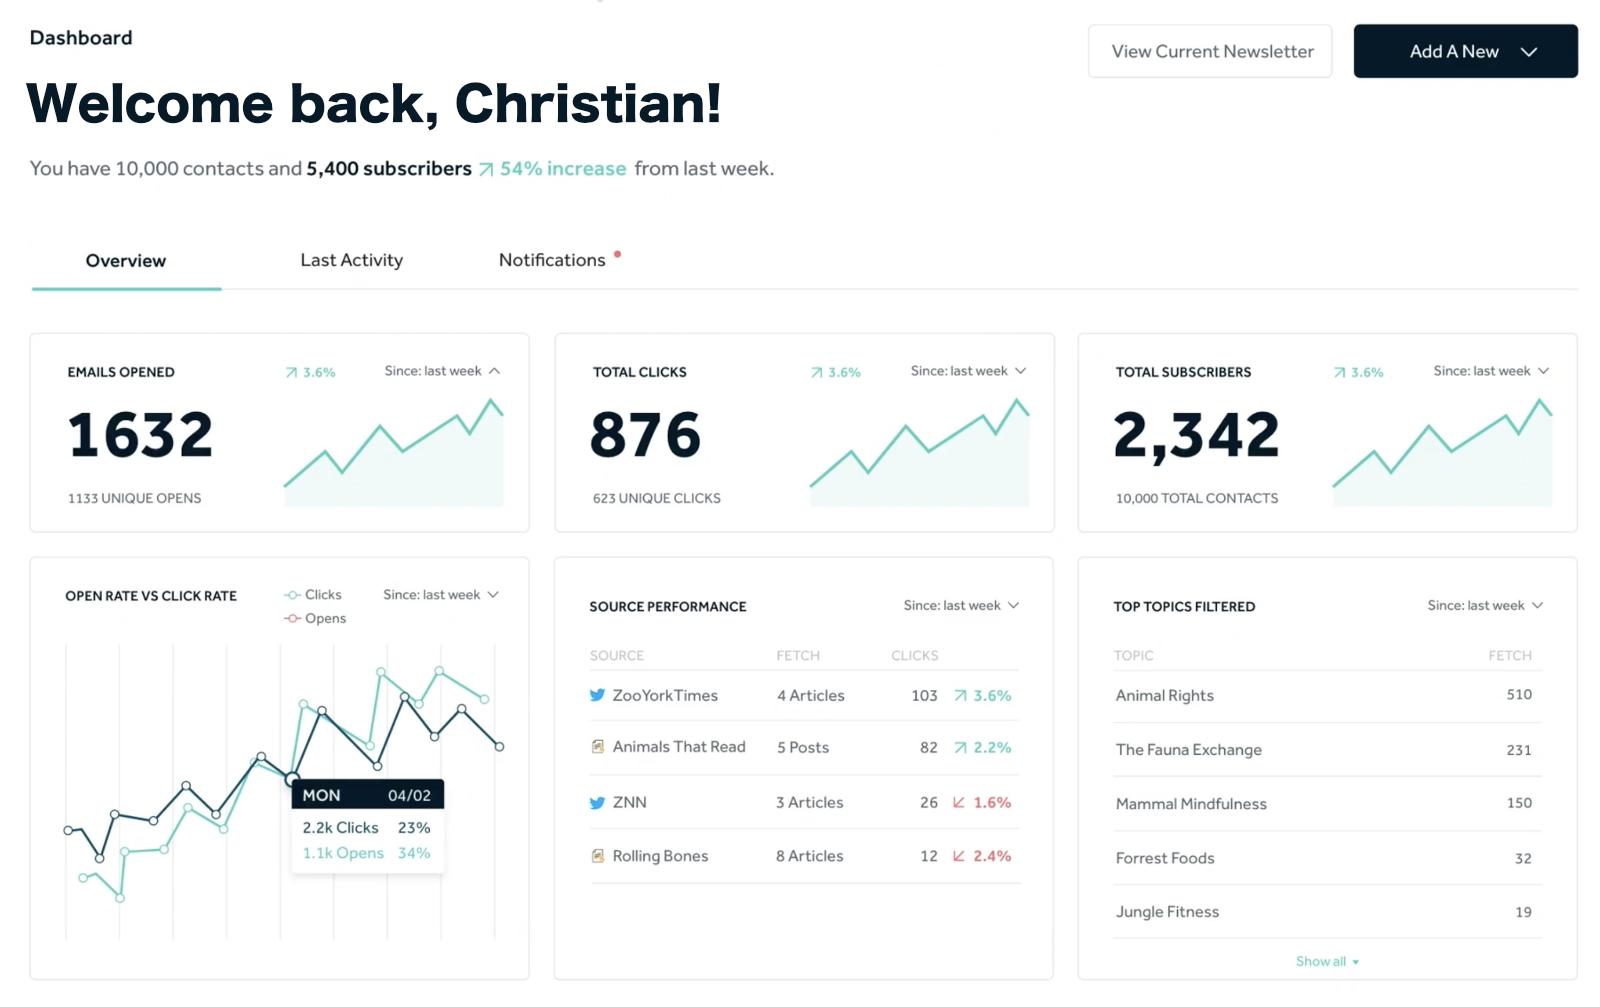 Rasa.io dashboard overview